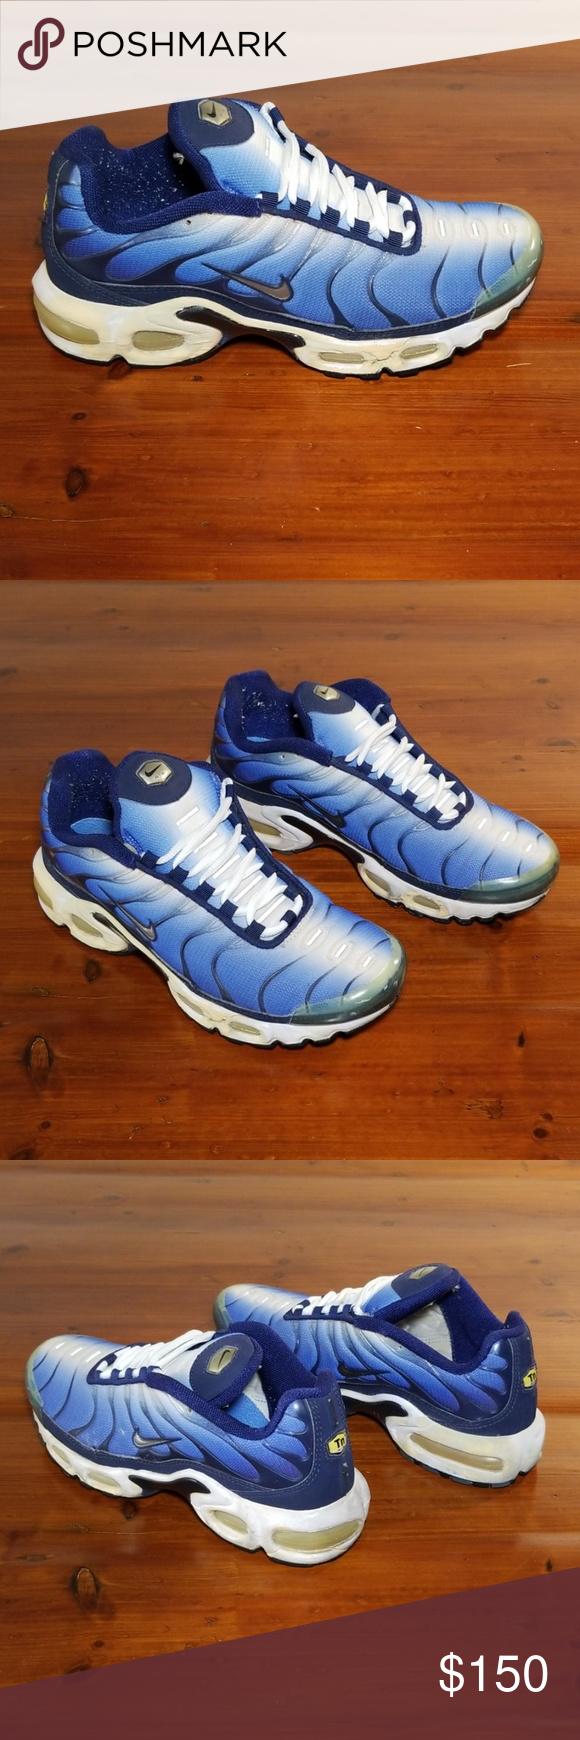 1999 Nike Air Max Plus TN. Original Hyper Blue. 1999 Nike